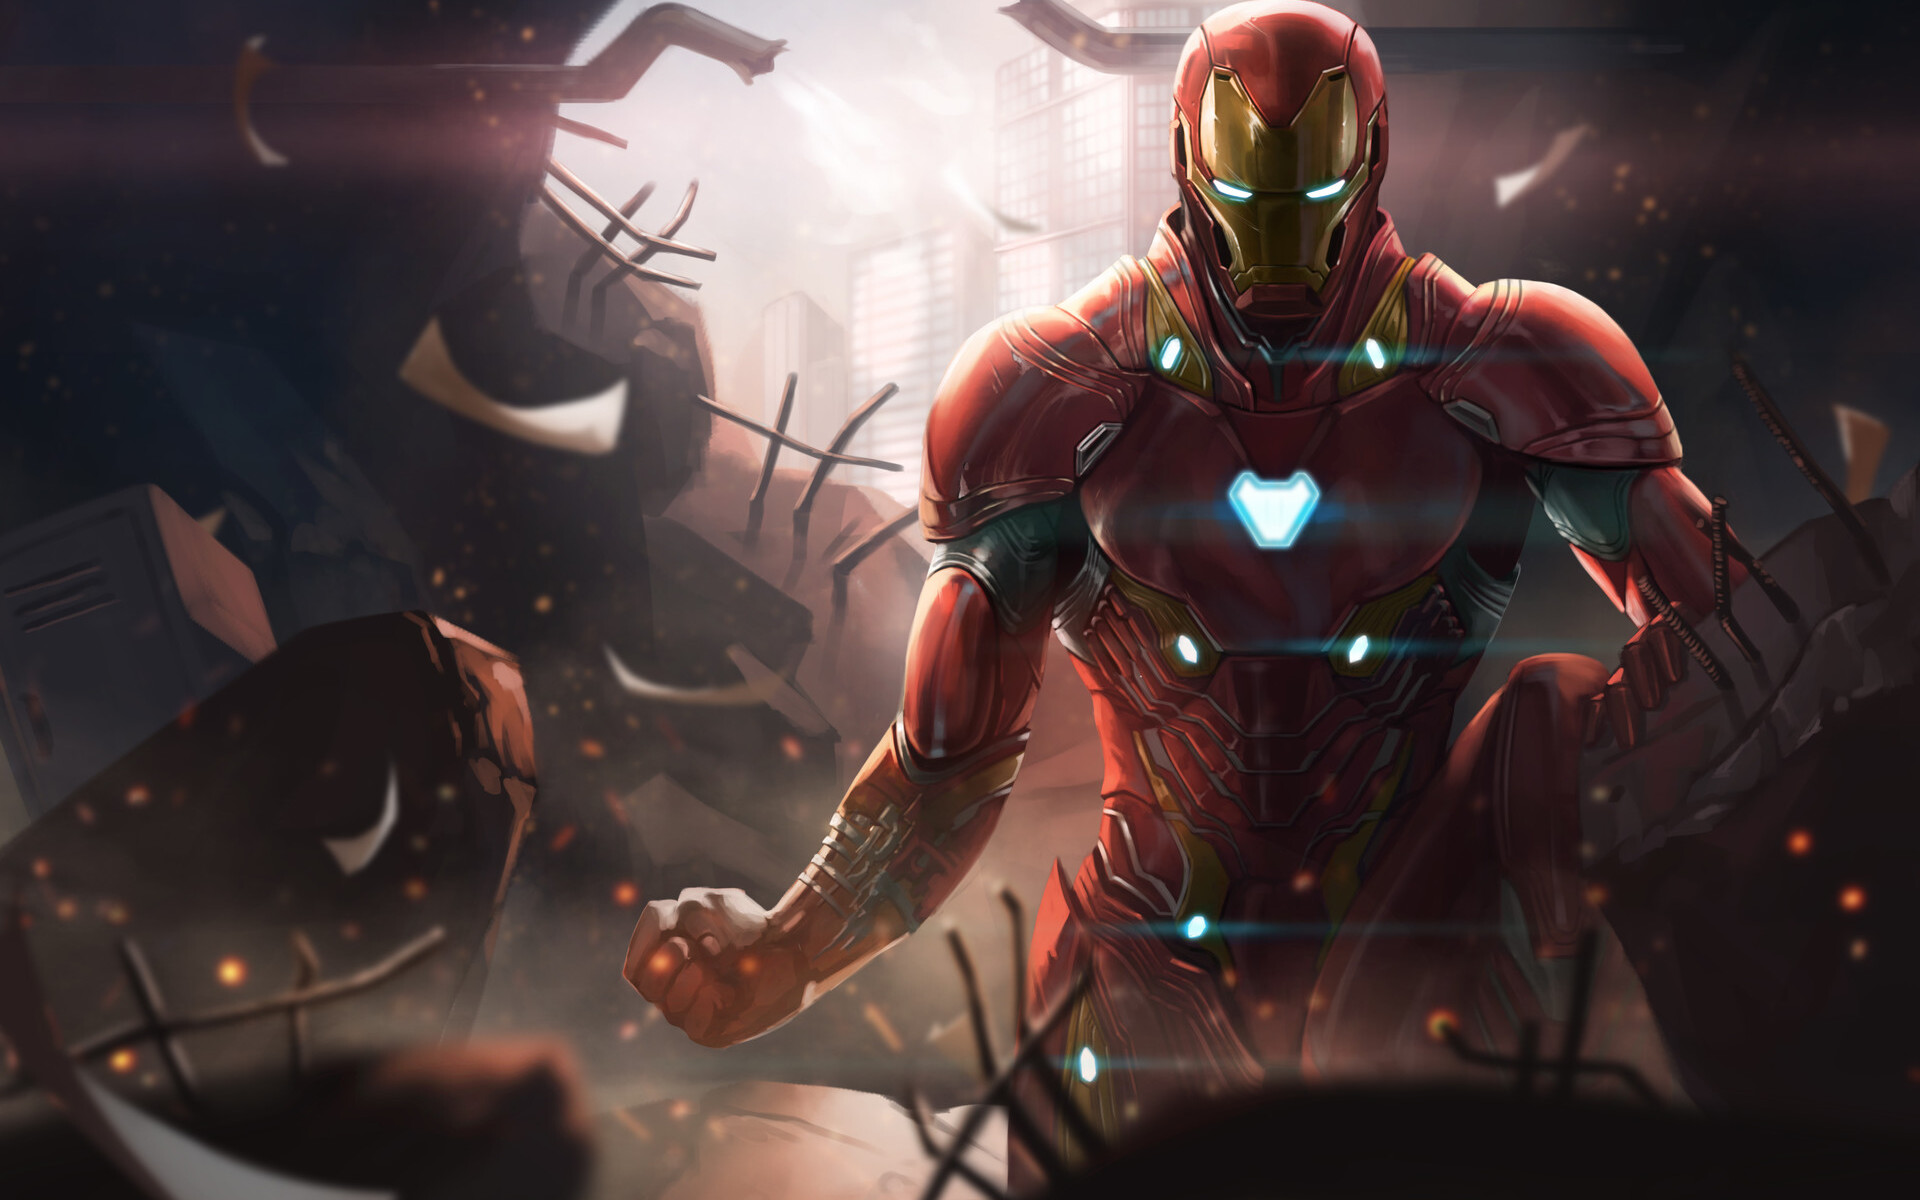 1920x1200 Iron Man Avengers Infinity War Digital Art 1080P ...